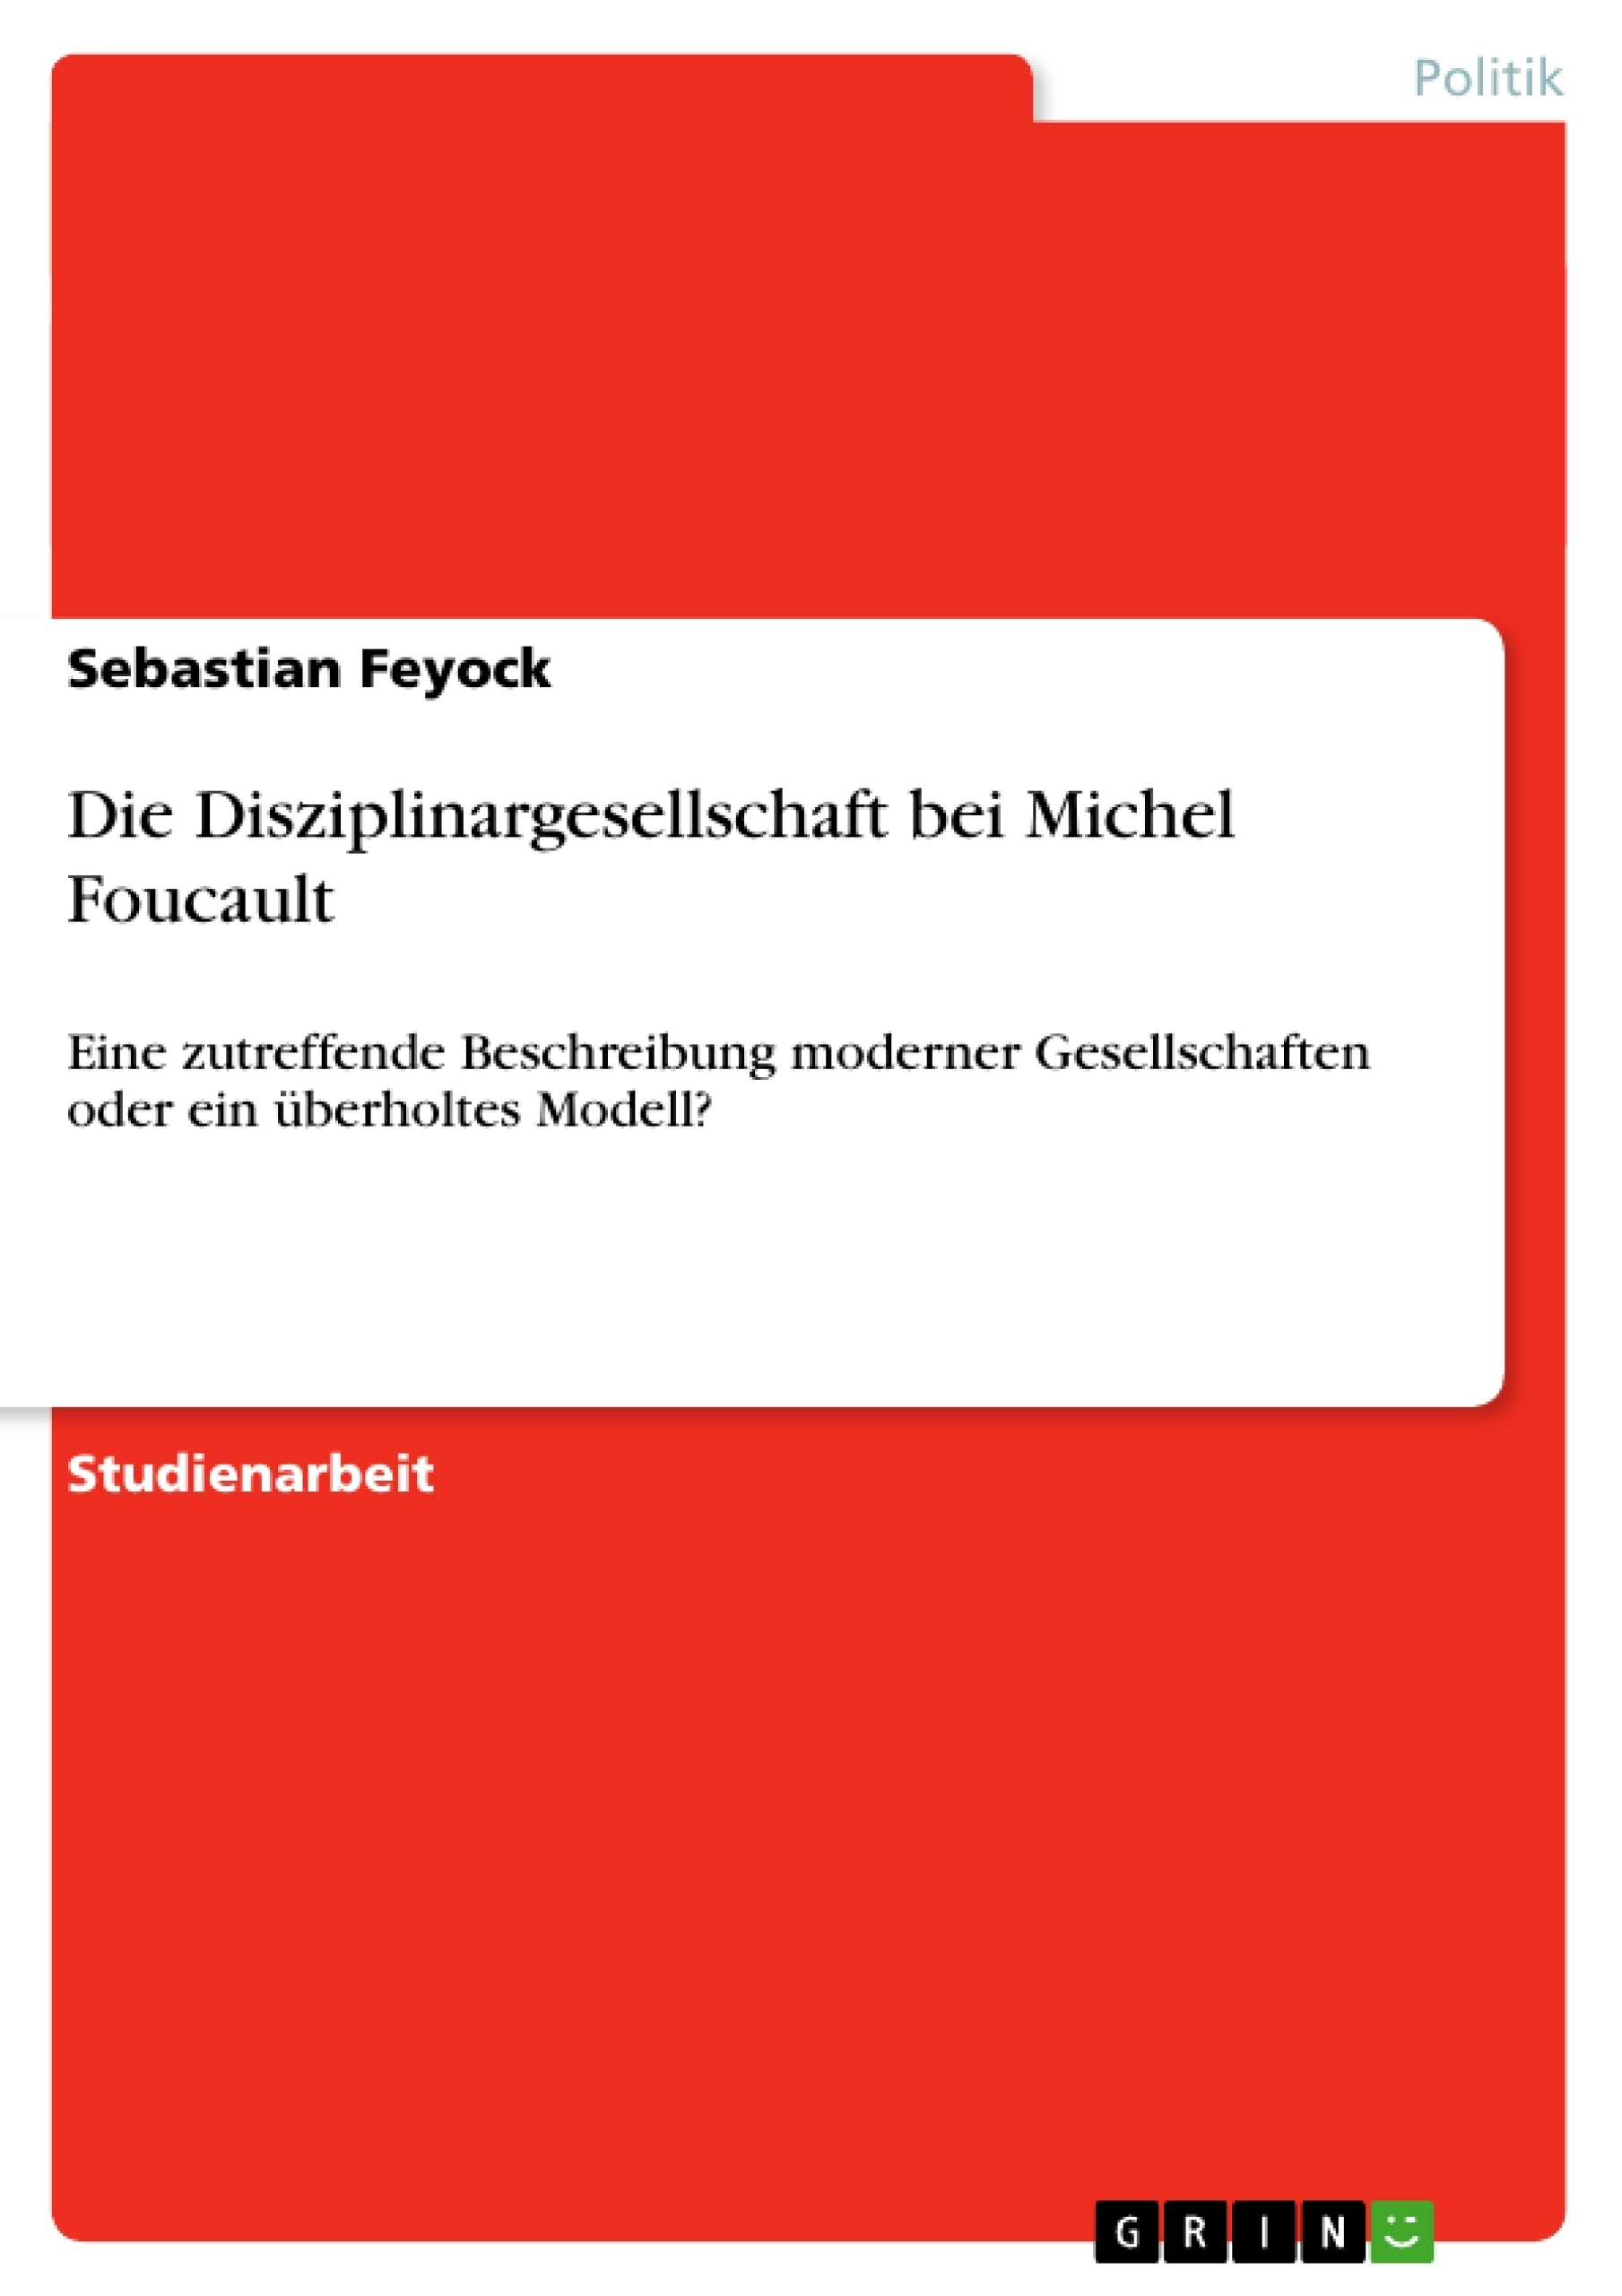 Titel: Die Disziplinargesellschaft bei Michel Foucault